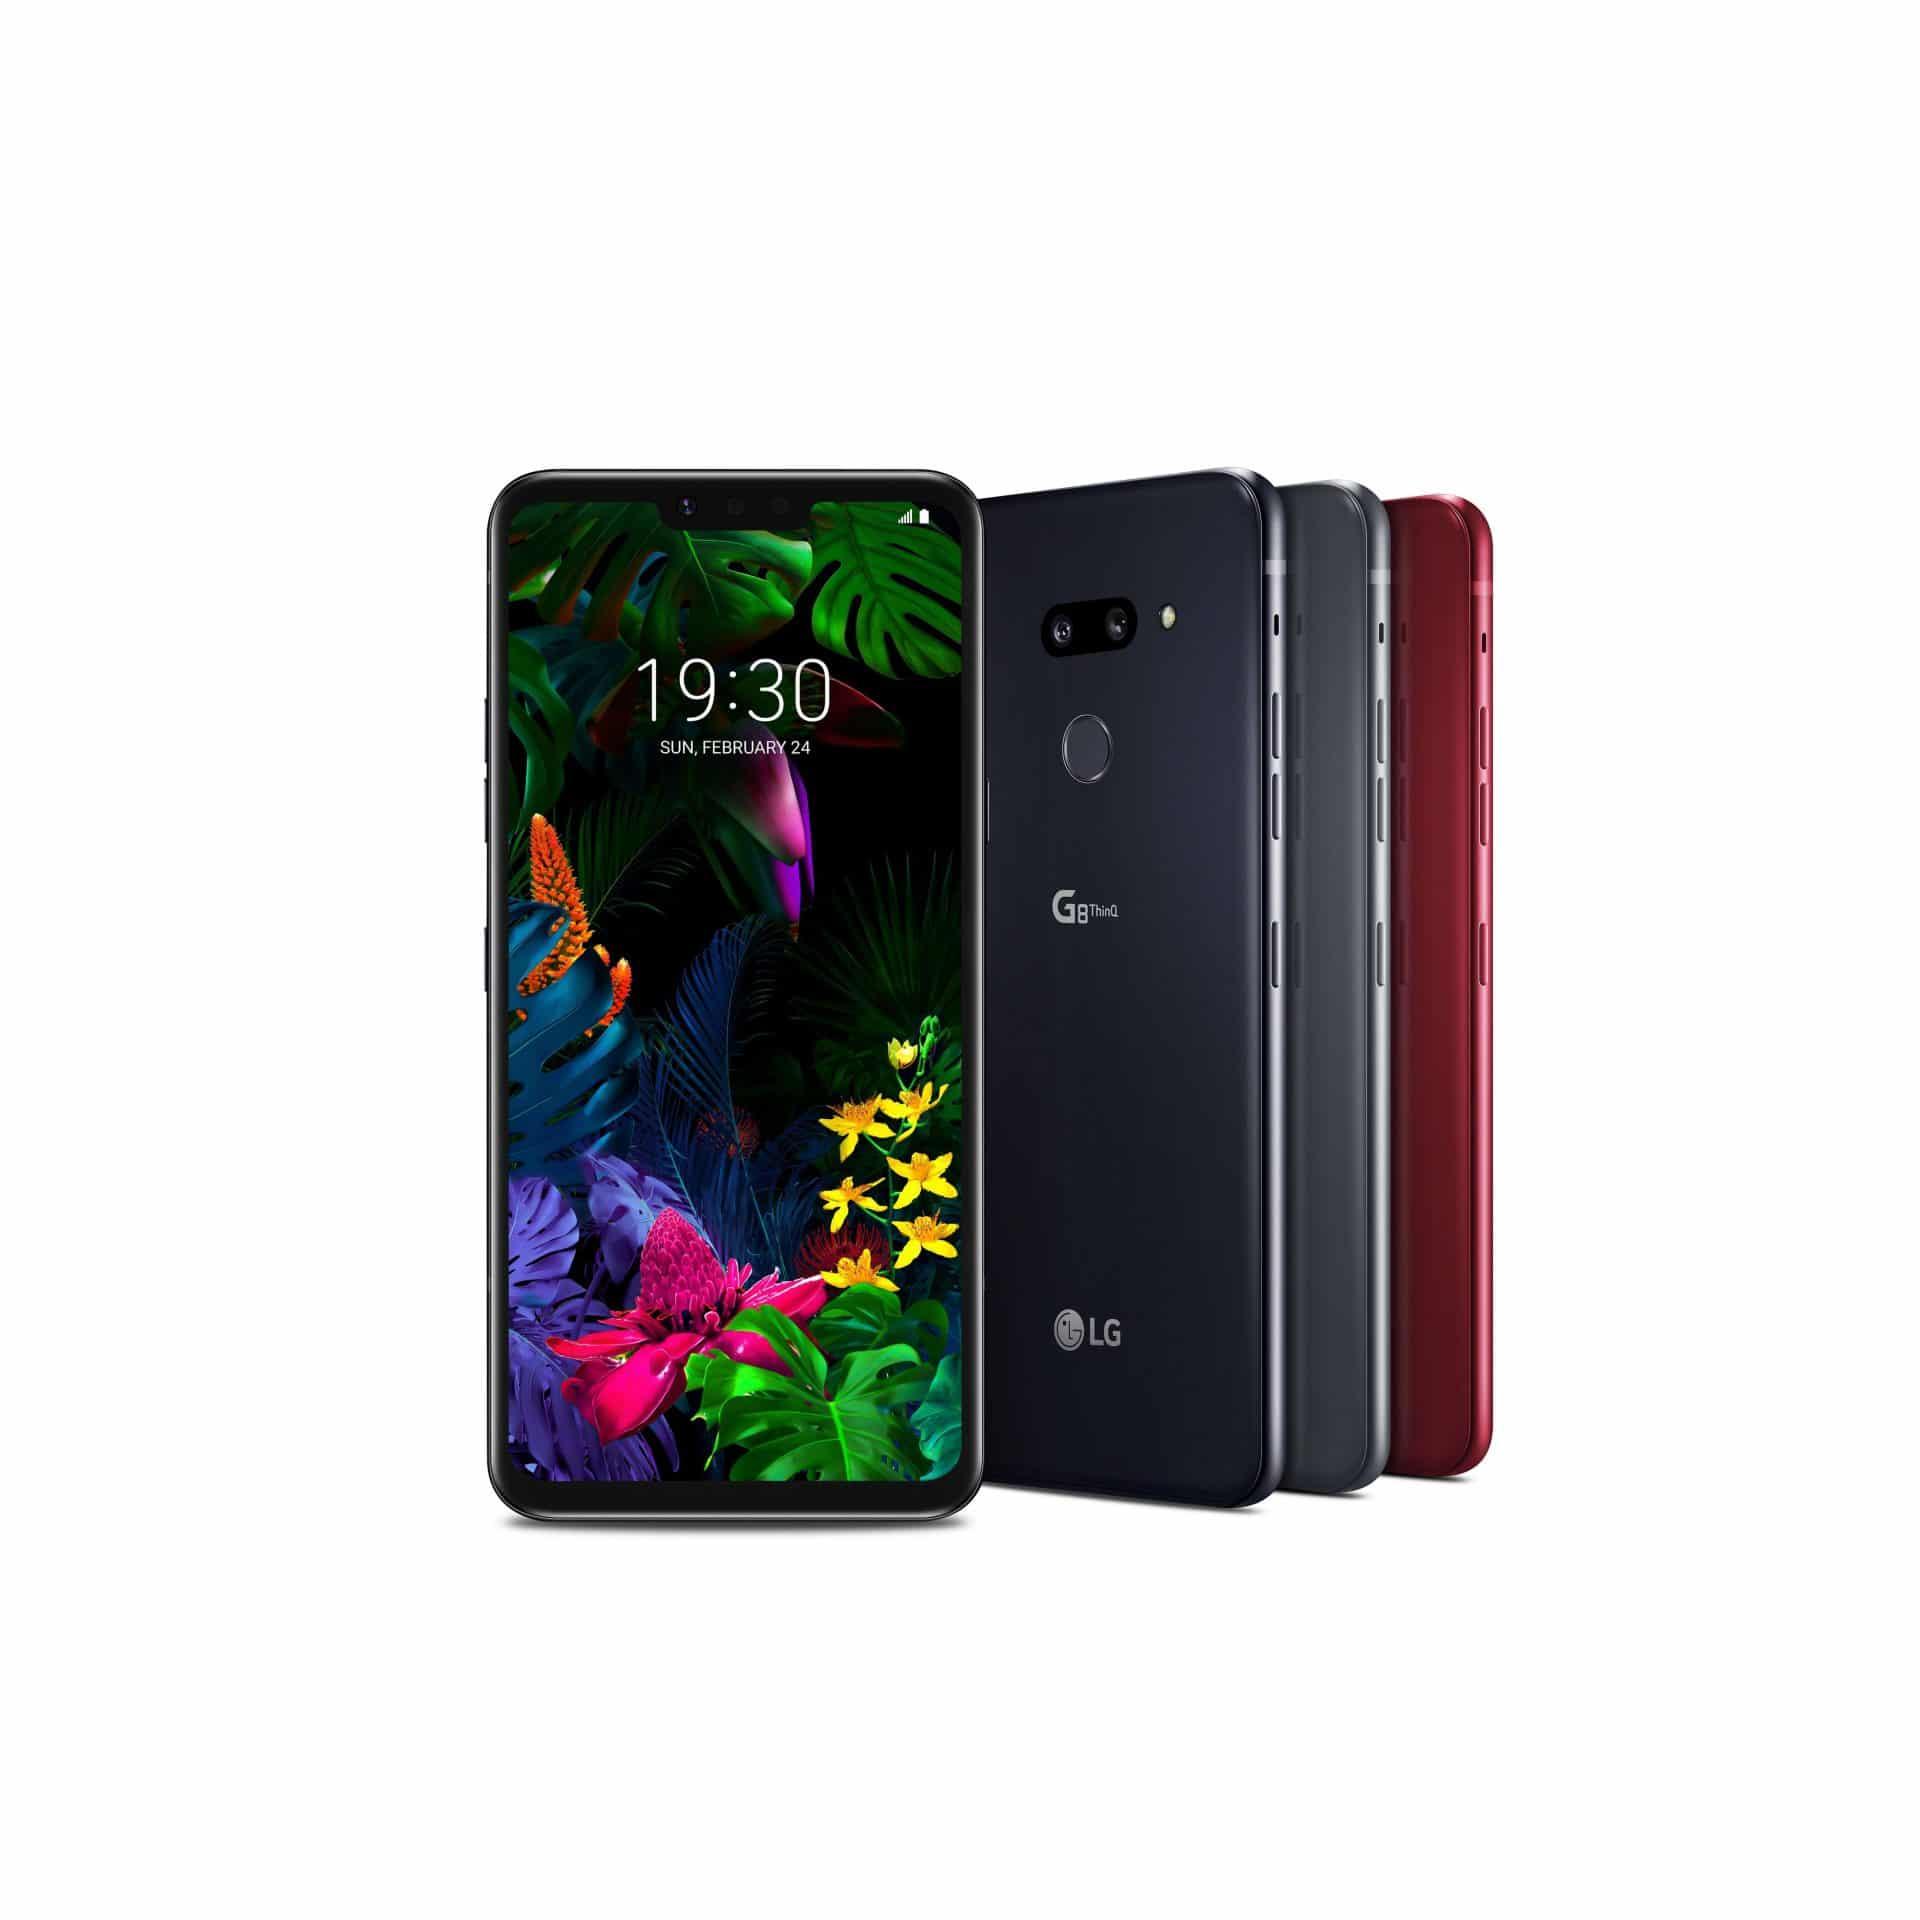 MWC 2019: LG versucht sein Glück mit G8 ThinQ  und V50 ThinQ 5G 16 techboys.de • smarte News, auf den Punkt! MWC 2019: LG versucht sein Glück mit G8 ThinQ  und V50 ThinQ 5G